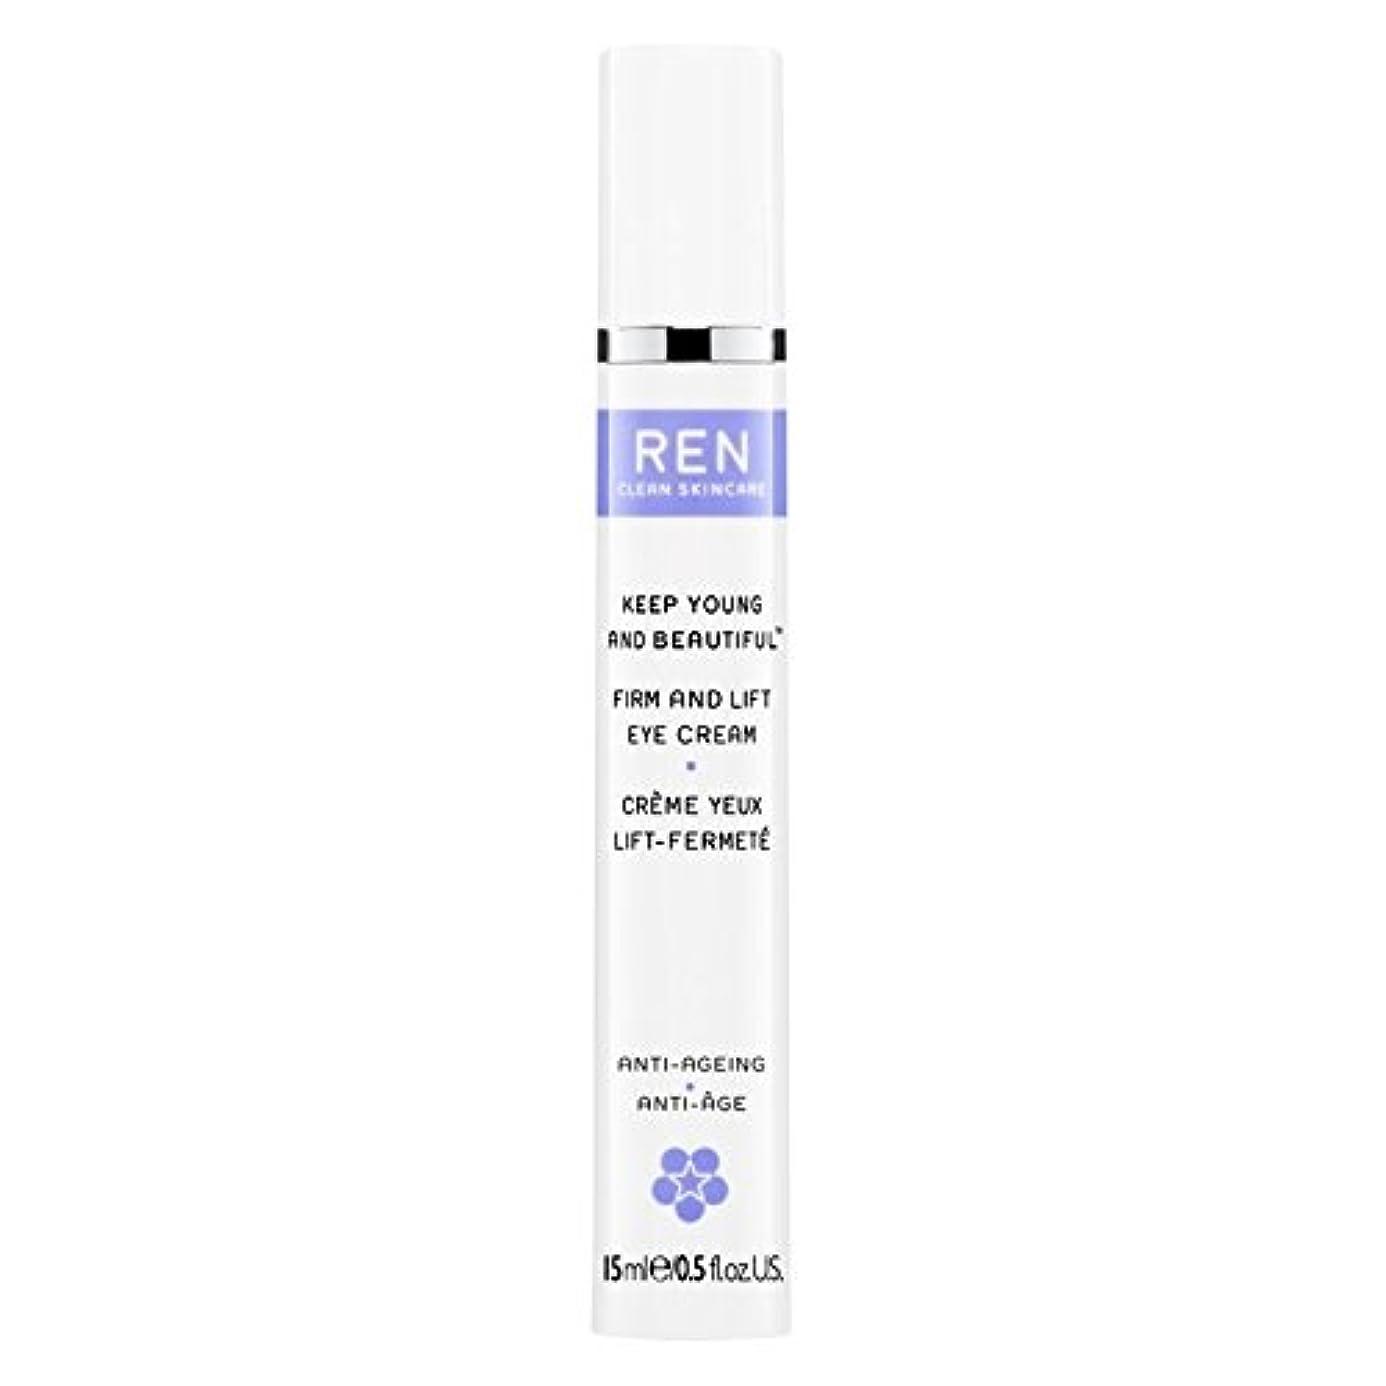 マトリックスモロニック些細なRen若くて美しい?しっかりとリフトアイクリーム15ミリリットルを保ちます (REN) (x6) - REN Keep Young and Beautiful? Firm and Lift Eye Cream 15ml...